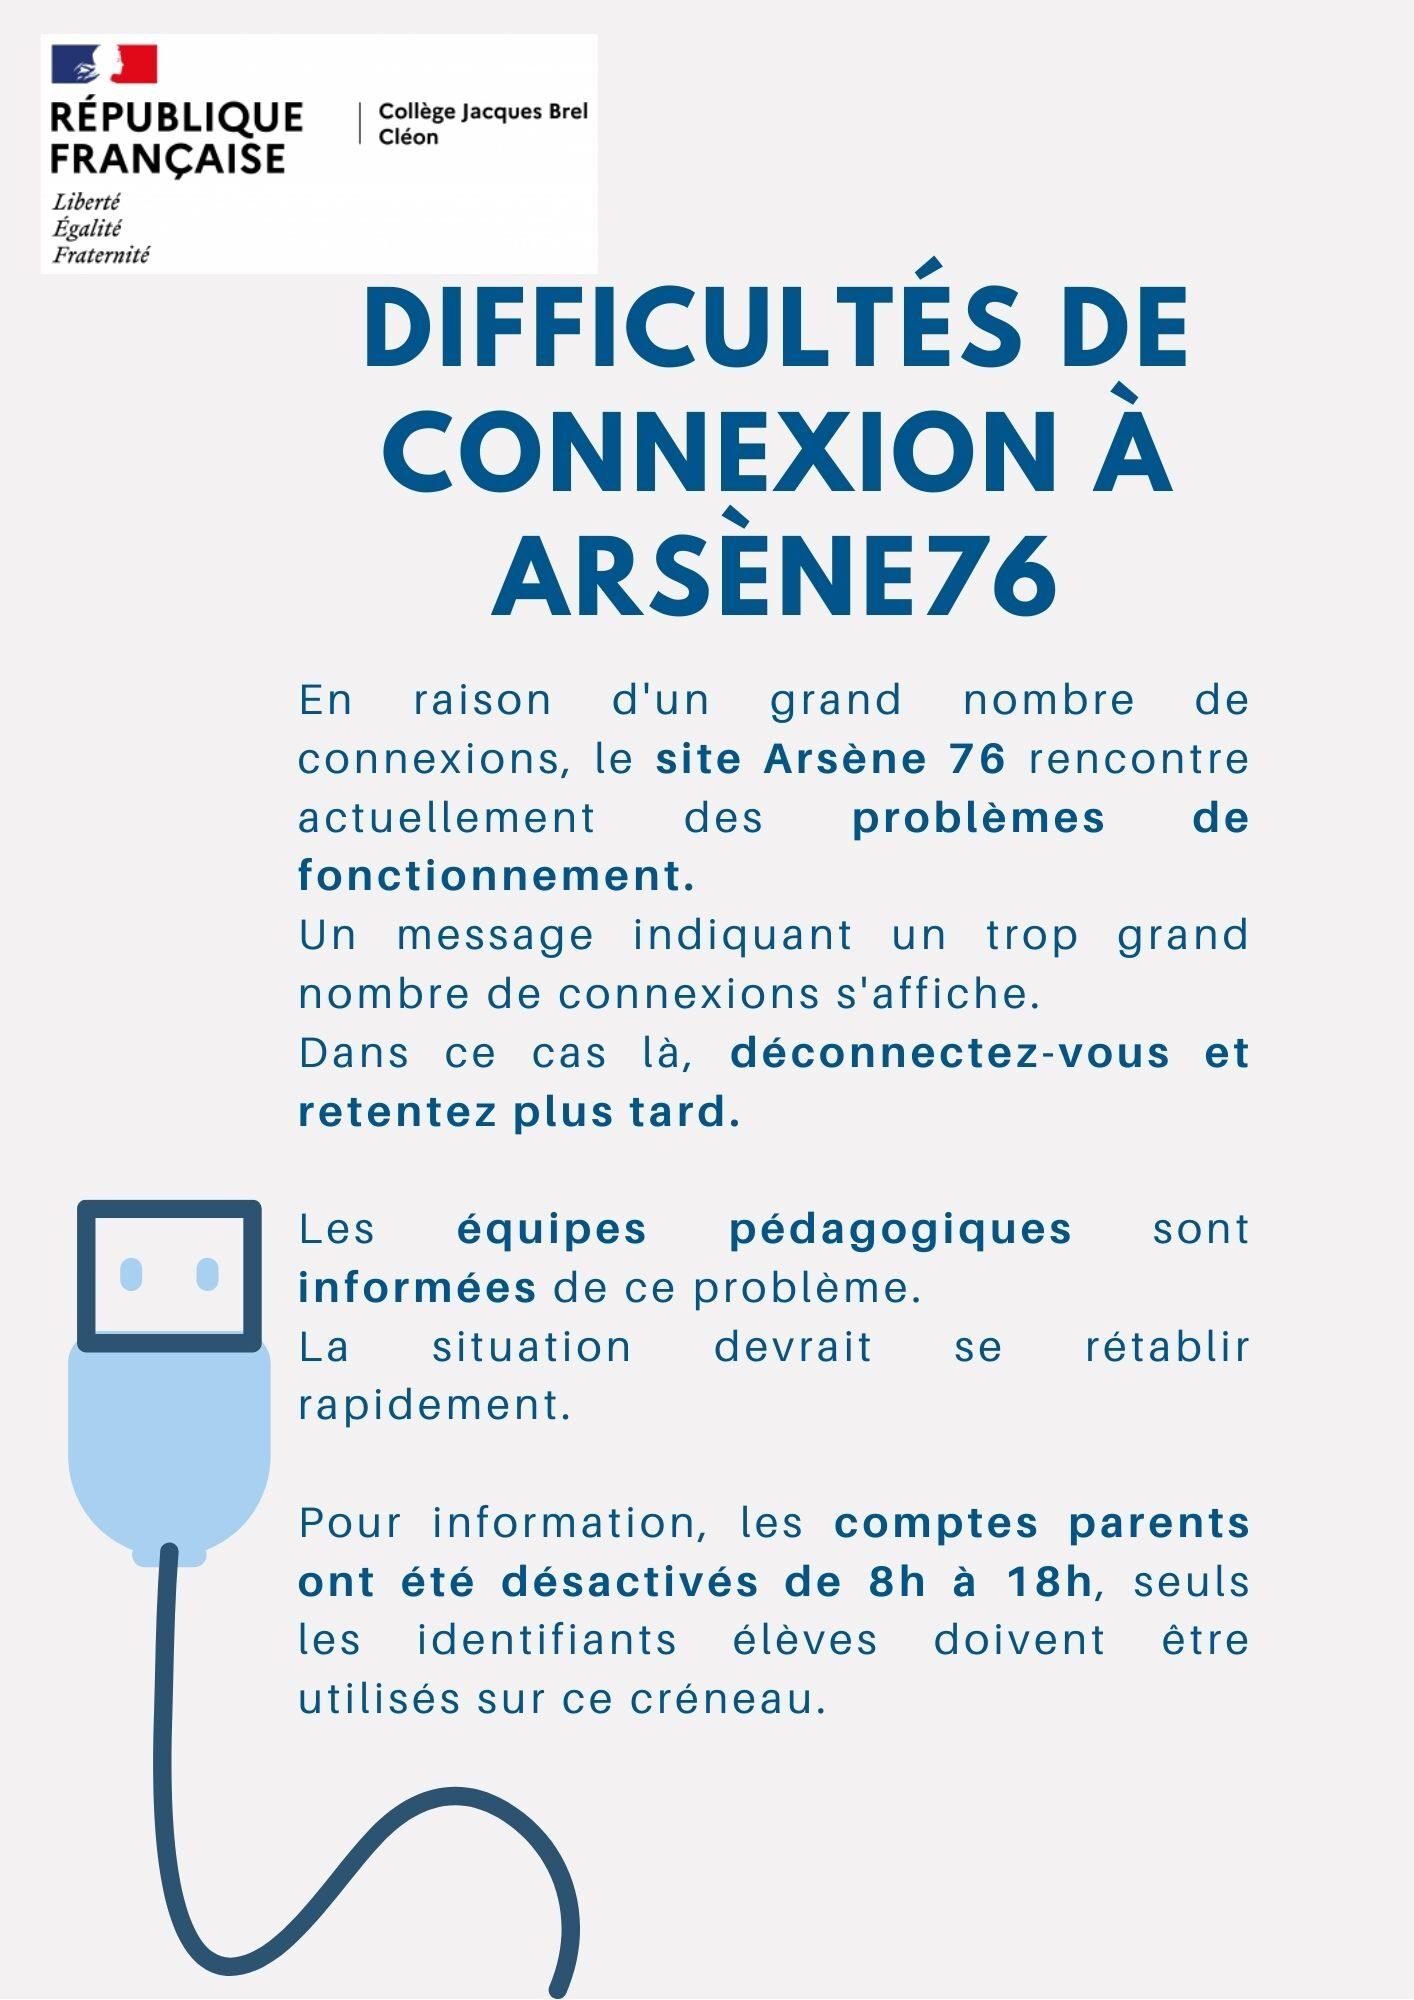 difficultés de connexion à arsène76.jpg